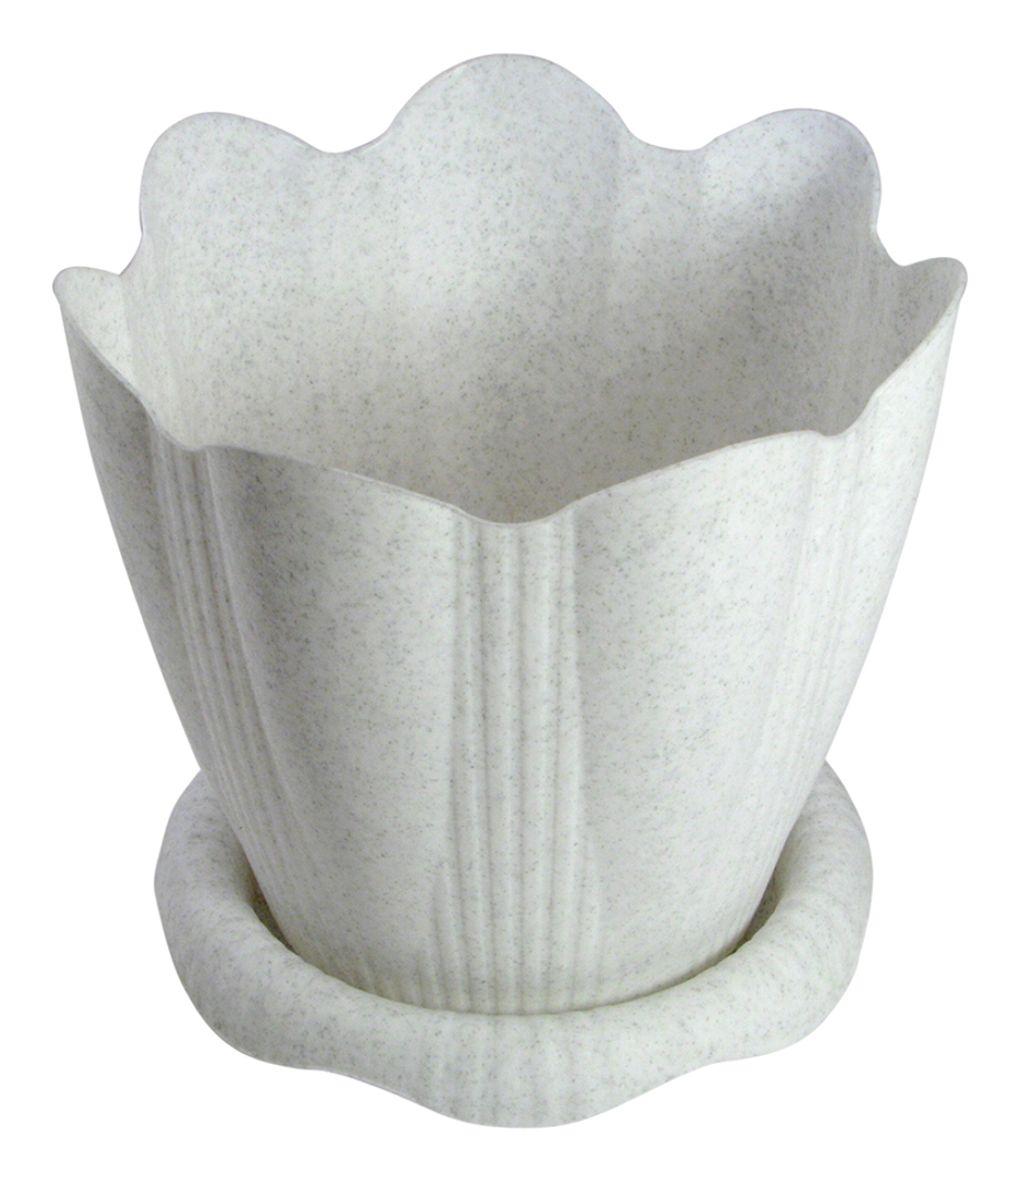 Горшок для цветов Martika Эдельвейс, с поддоном, цвет: мрамор, 1,5 лING41016FТРЛюбой, даже самый современный и продуманный интерьер будет не завершённым без растений. Они не только очищают воздух и насыщают его кислородом, но и заметно украшают окружающее пространство. Такому полезному &laquo члену семьи&raquoпросто необходимо красивое и функциональное кашпо, оригинальный горшок или необычная ваза! Мы предлагаем - Горшок Эдельвейс с поддоном 1,5 л d=16 см, цвет мрамор!Оптимальный выбор материала &mdash &nbsp пластмасса! Почему мы так считаем? Малый вес. С лёгкостью переносите горшки и кашпо с места на место, ставьте их на столики или полки, подвешивайте под потолок, не беспокоясь о нагрузке. Простота ухода. Пластиковые изделия не нуждаются в специальных условиях хранения. Их&nbsp легко чистить &mdashдостаточно просто сполоснуть тёплой водой. Никаких царапин. Пластиковые кашпо не царапают и не загрязняют поверхности, на которых стоят. Пластик дольше хранит влагу, а значит &mdashрастение реже нуждается в поливе. Пластмасса не пропускает воздух &mdashкорневой системе растения не грозят резкие перепады температур. Огромный выбор форм, декора и расцветок &mdashвы без труда подберёте что-то, что идеально впишется в уже существующий интерьер.Соблюдая нехитрые правила ухода, вы можете заметно продлить срок службы горшков, вазонов и кашпо из пластика: всегда учитывайте размер кроны и корневой системы растения (при разрастании большое растение способно повредить маленький горшок)берегите изделие от воздействия прямых солнечных лучей, чтобы кашпо и горшки не выцветалидержите кашпо и горшки из пластика подальше от нагревающихся поверхностей.Создавайте прекрасные цветочные композиции, выращивайте рассаду или необычные растения, а низкие цены позволят вам не ограничивать себя в выборе.